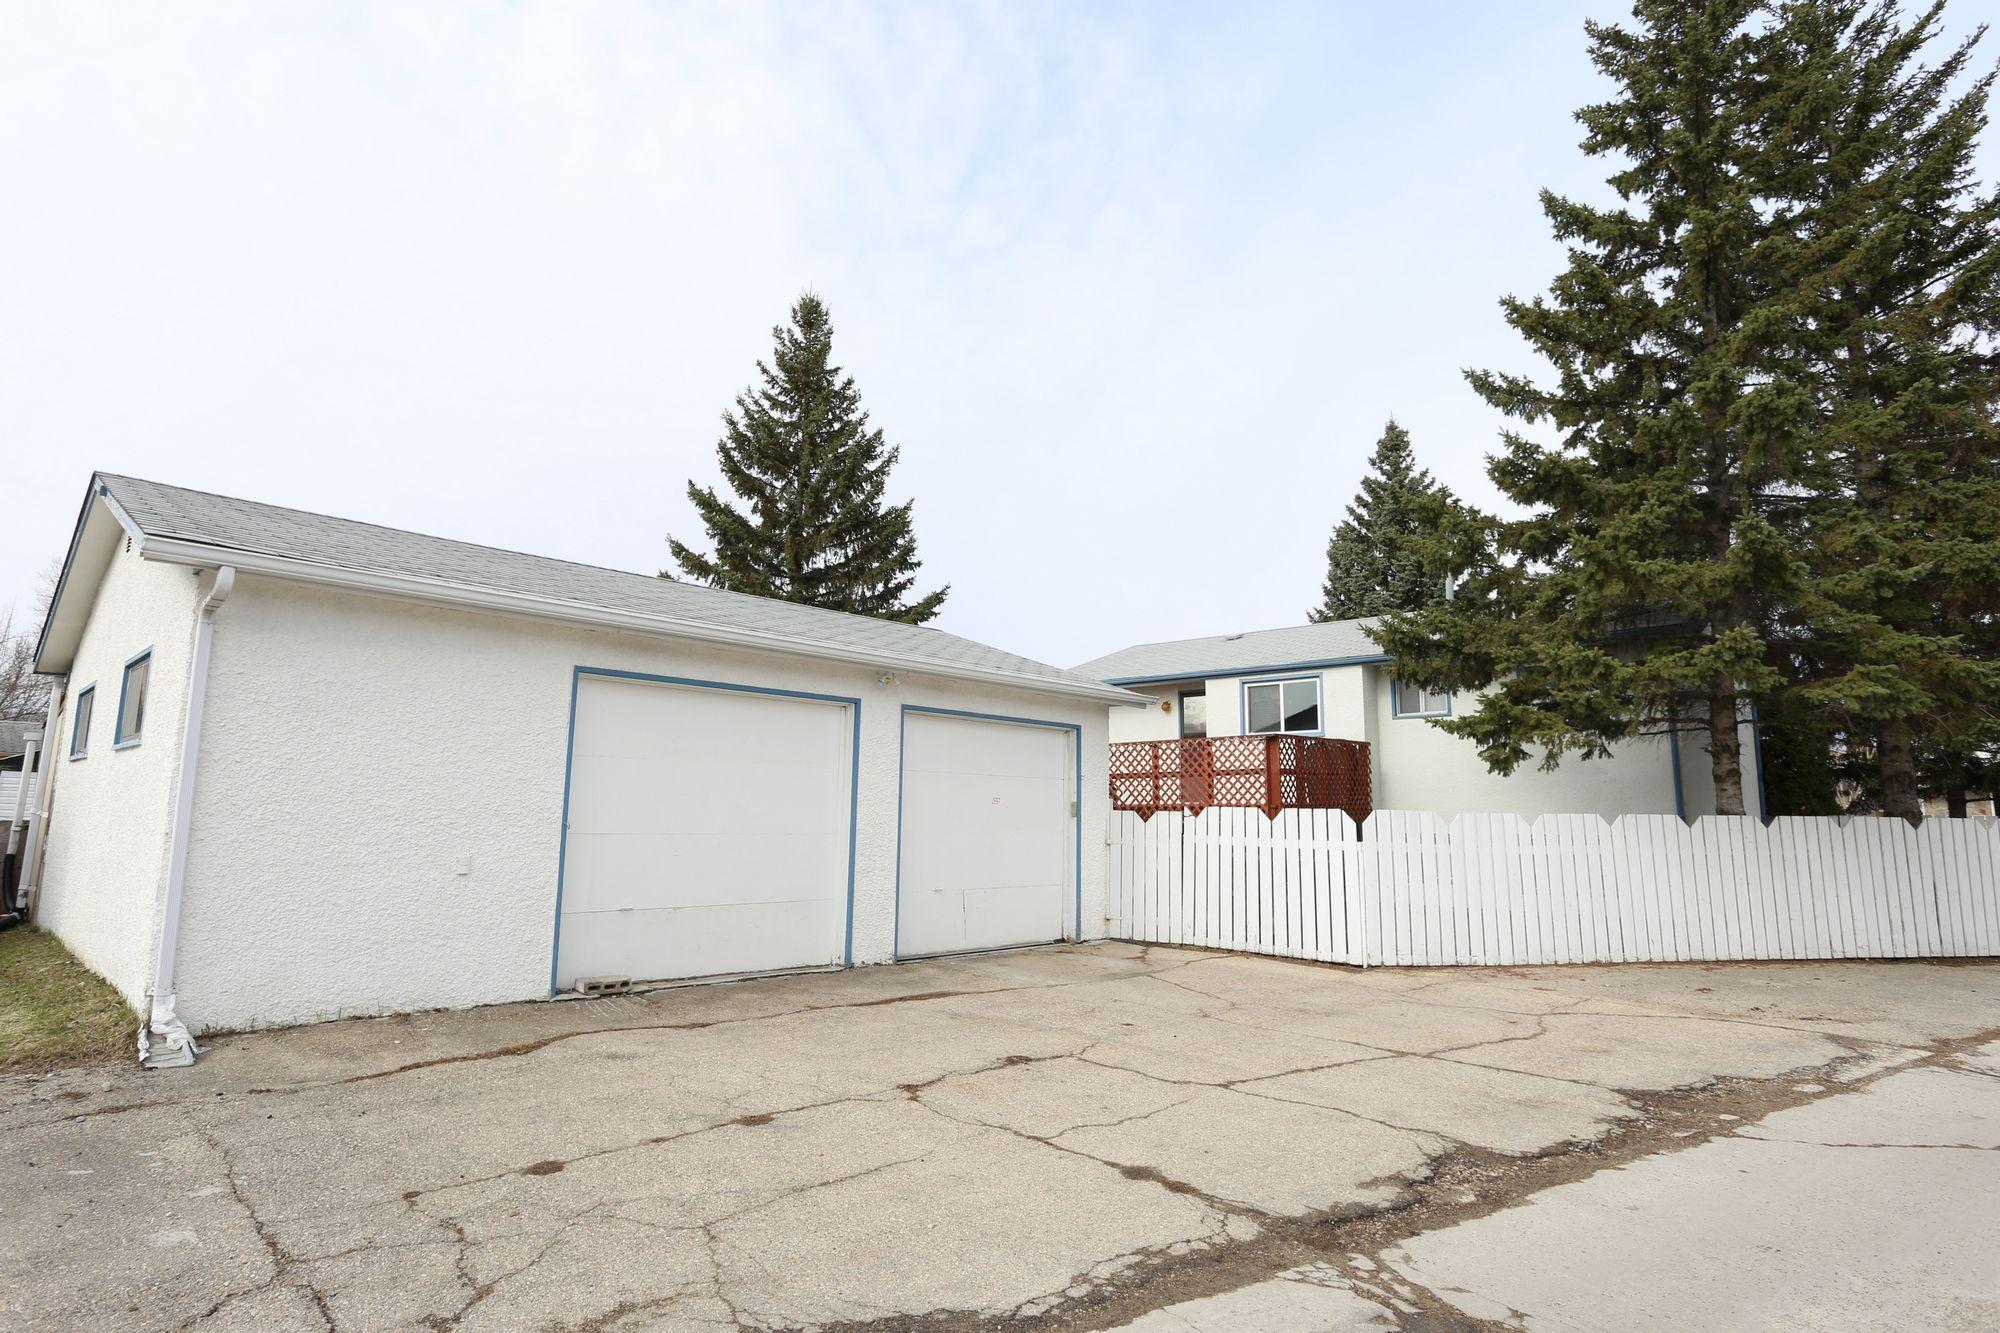 11 Kullman Street, Winnipeg, Manitoba  R2K 3S3 - Photo 22 - 1609869